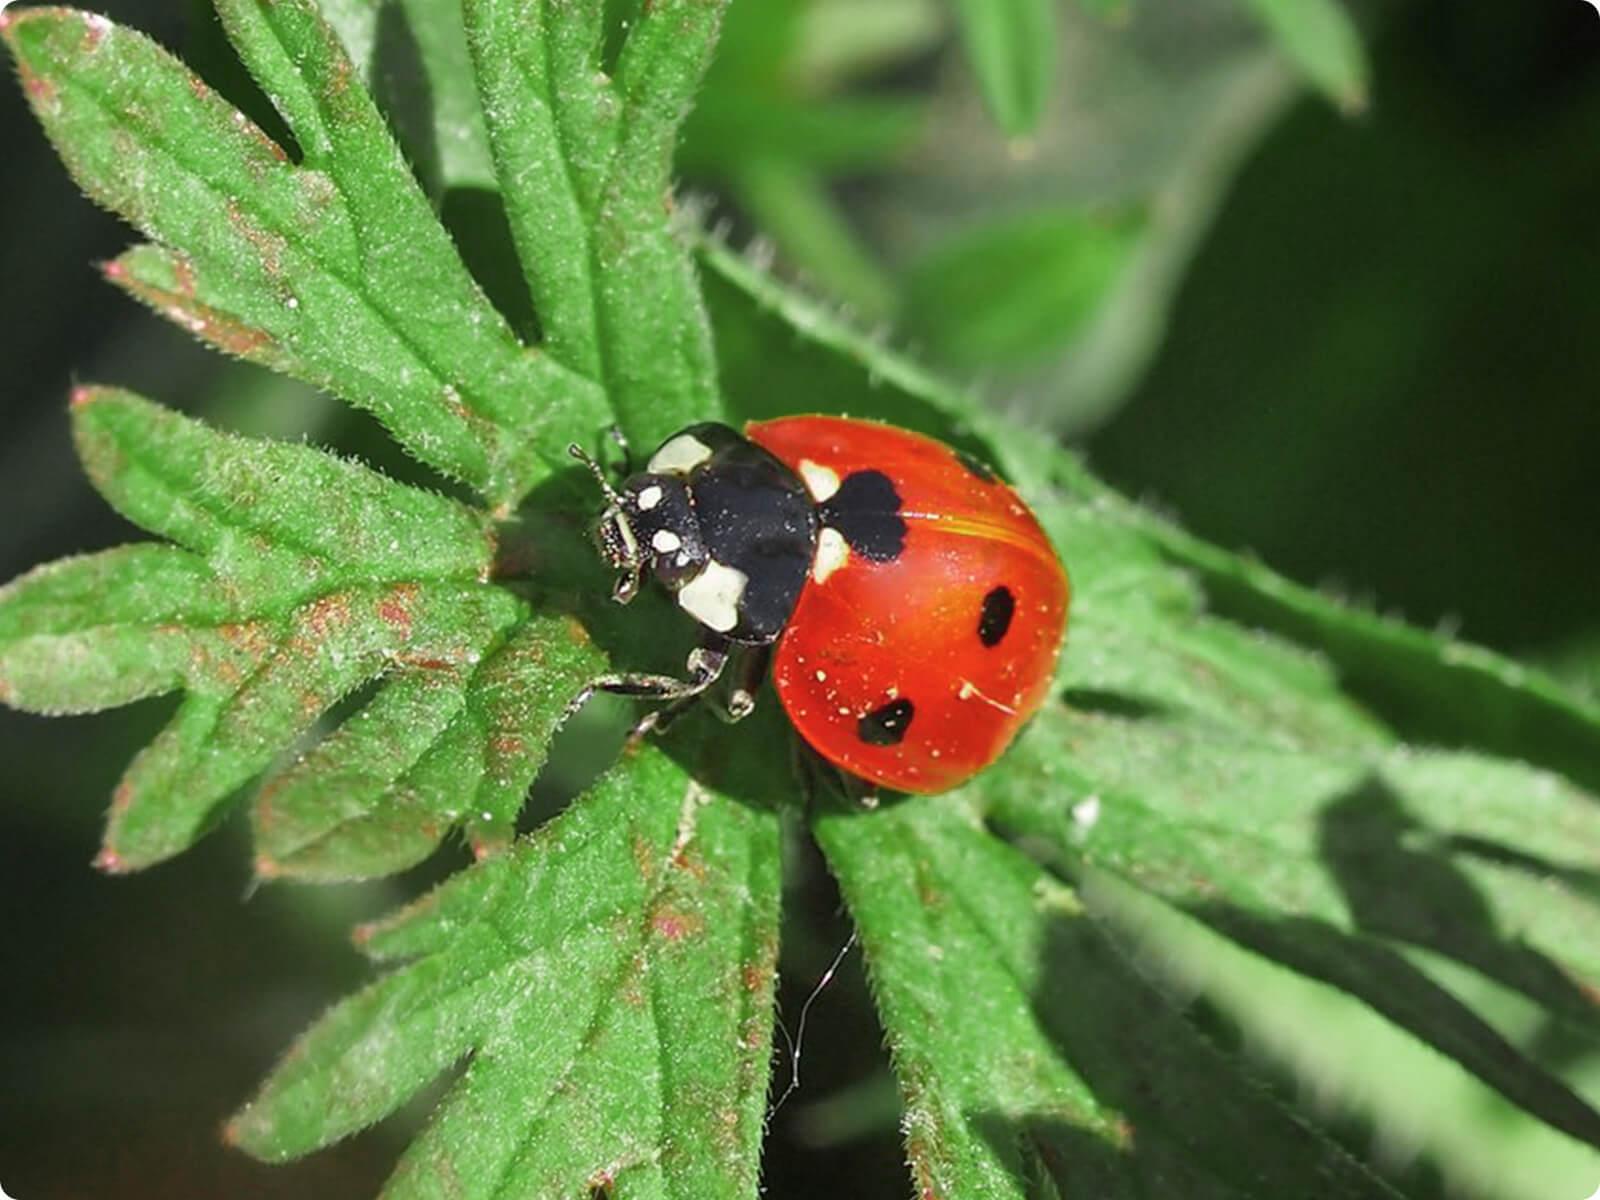 ladybug creative commons